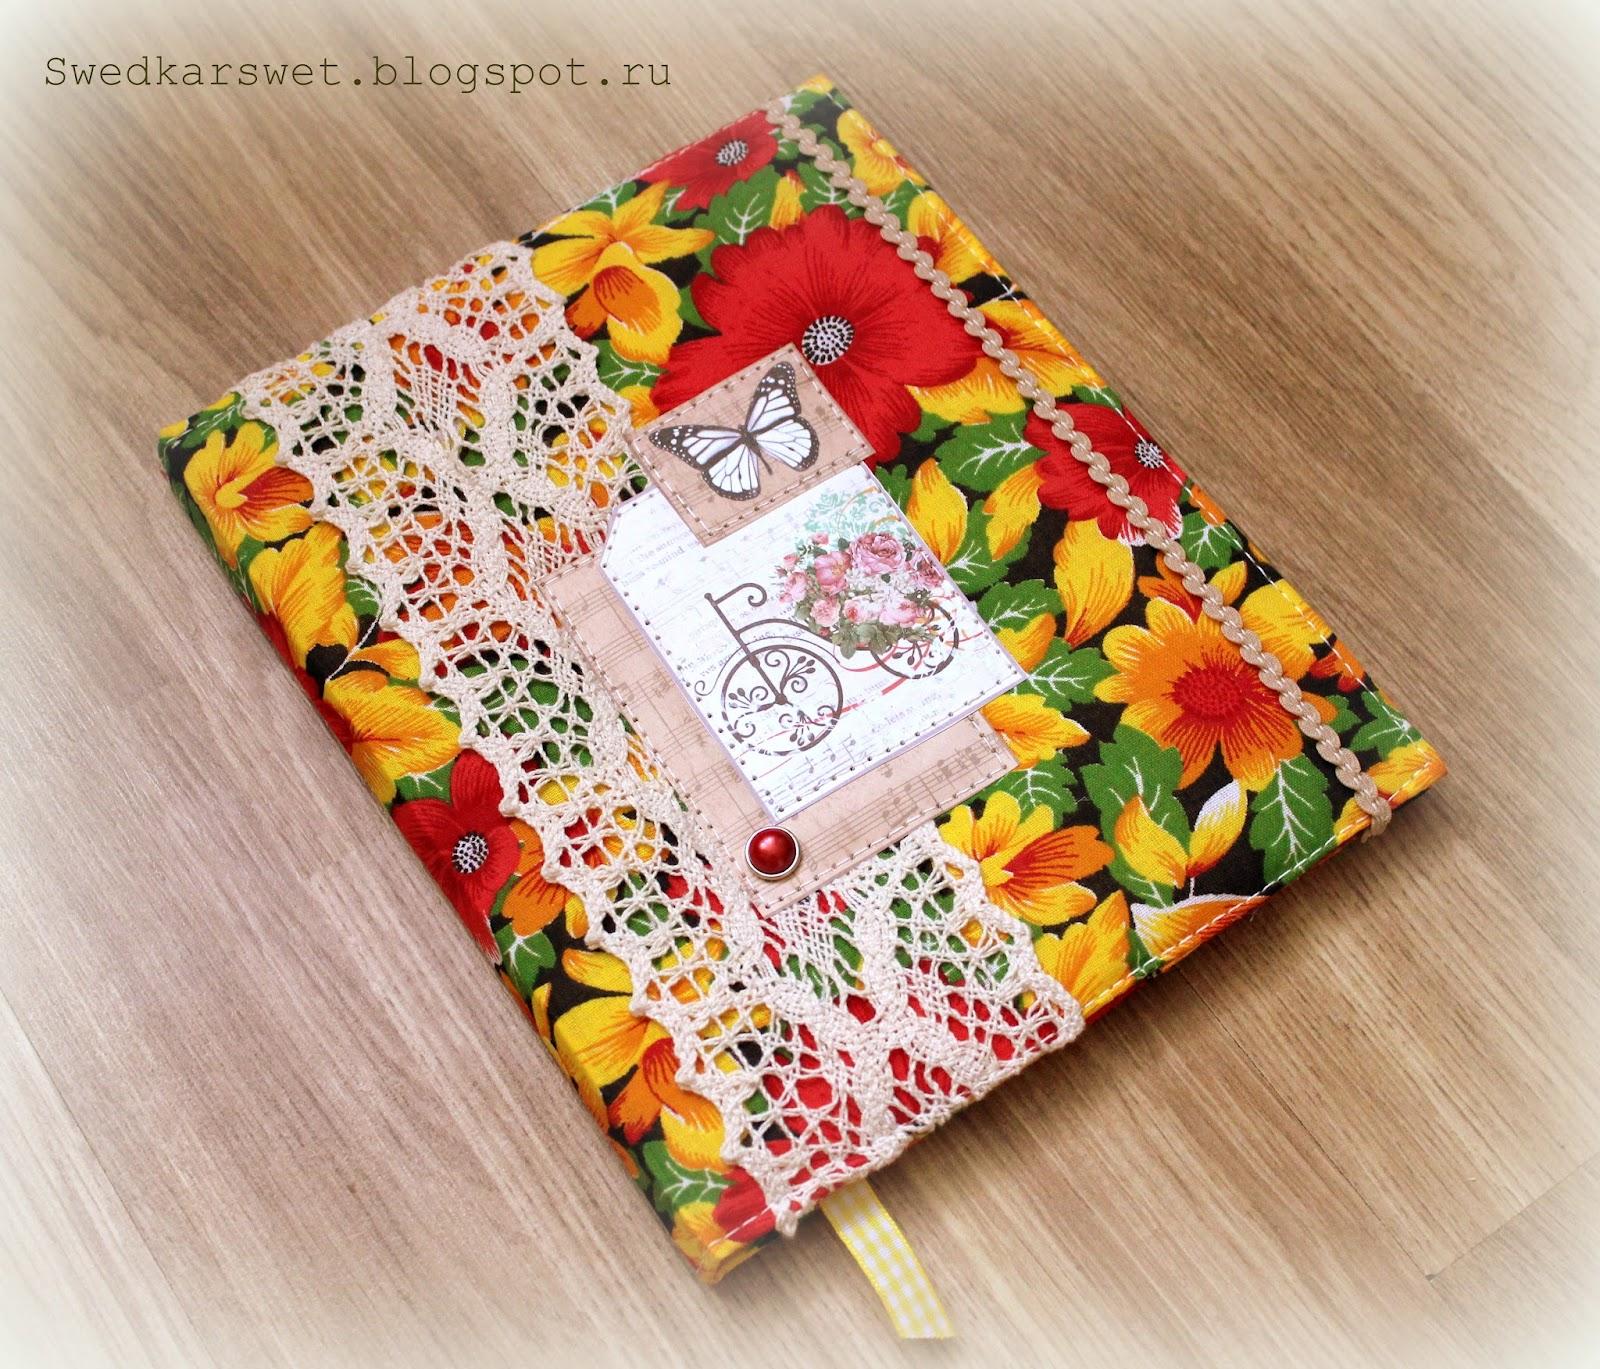 Как сделать обложку для дневника своими руками фото 696